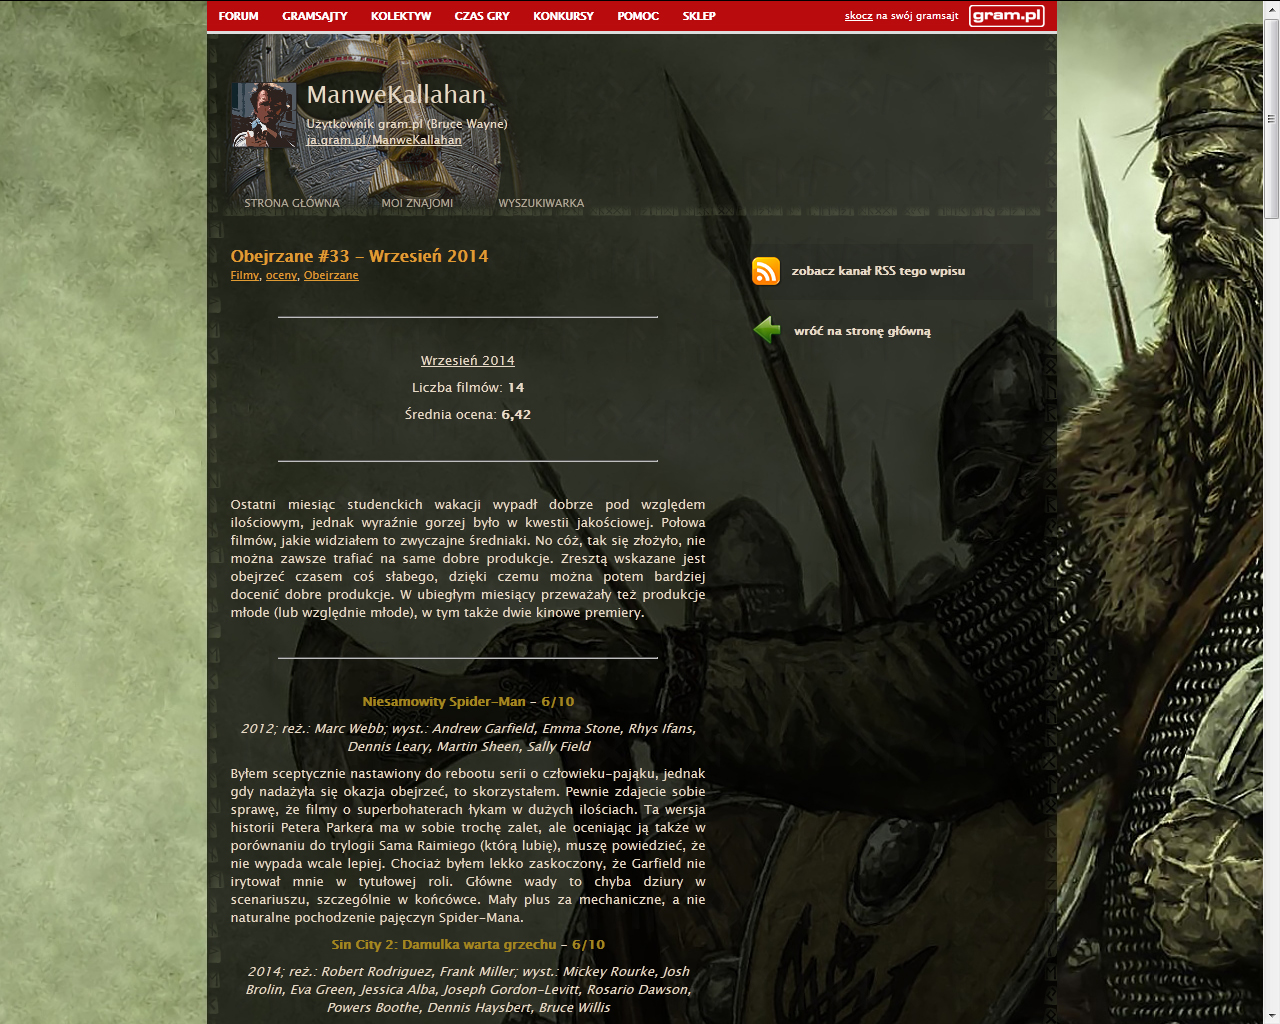 Co w gramsajtach piszczy #113 - O World of Warcraft, Hatred i Katawa Shoujo! - obrazek 4